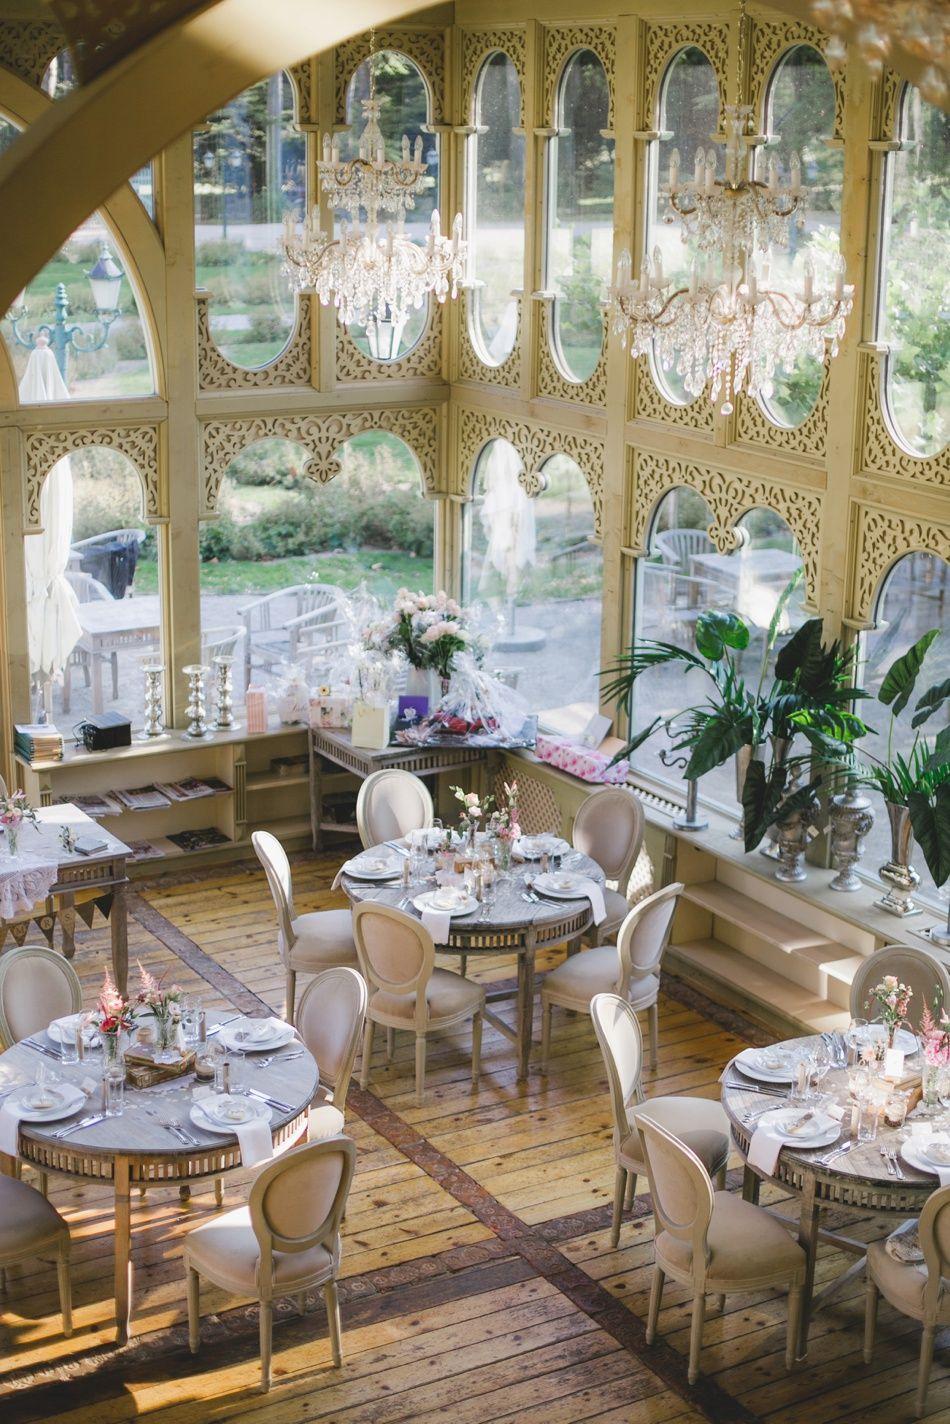 Fotografie Linse2 Location Schlossgartnerei Wartholz Hochzeit